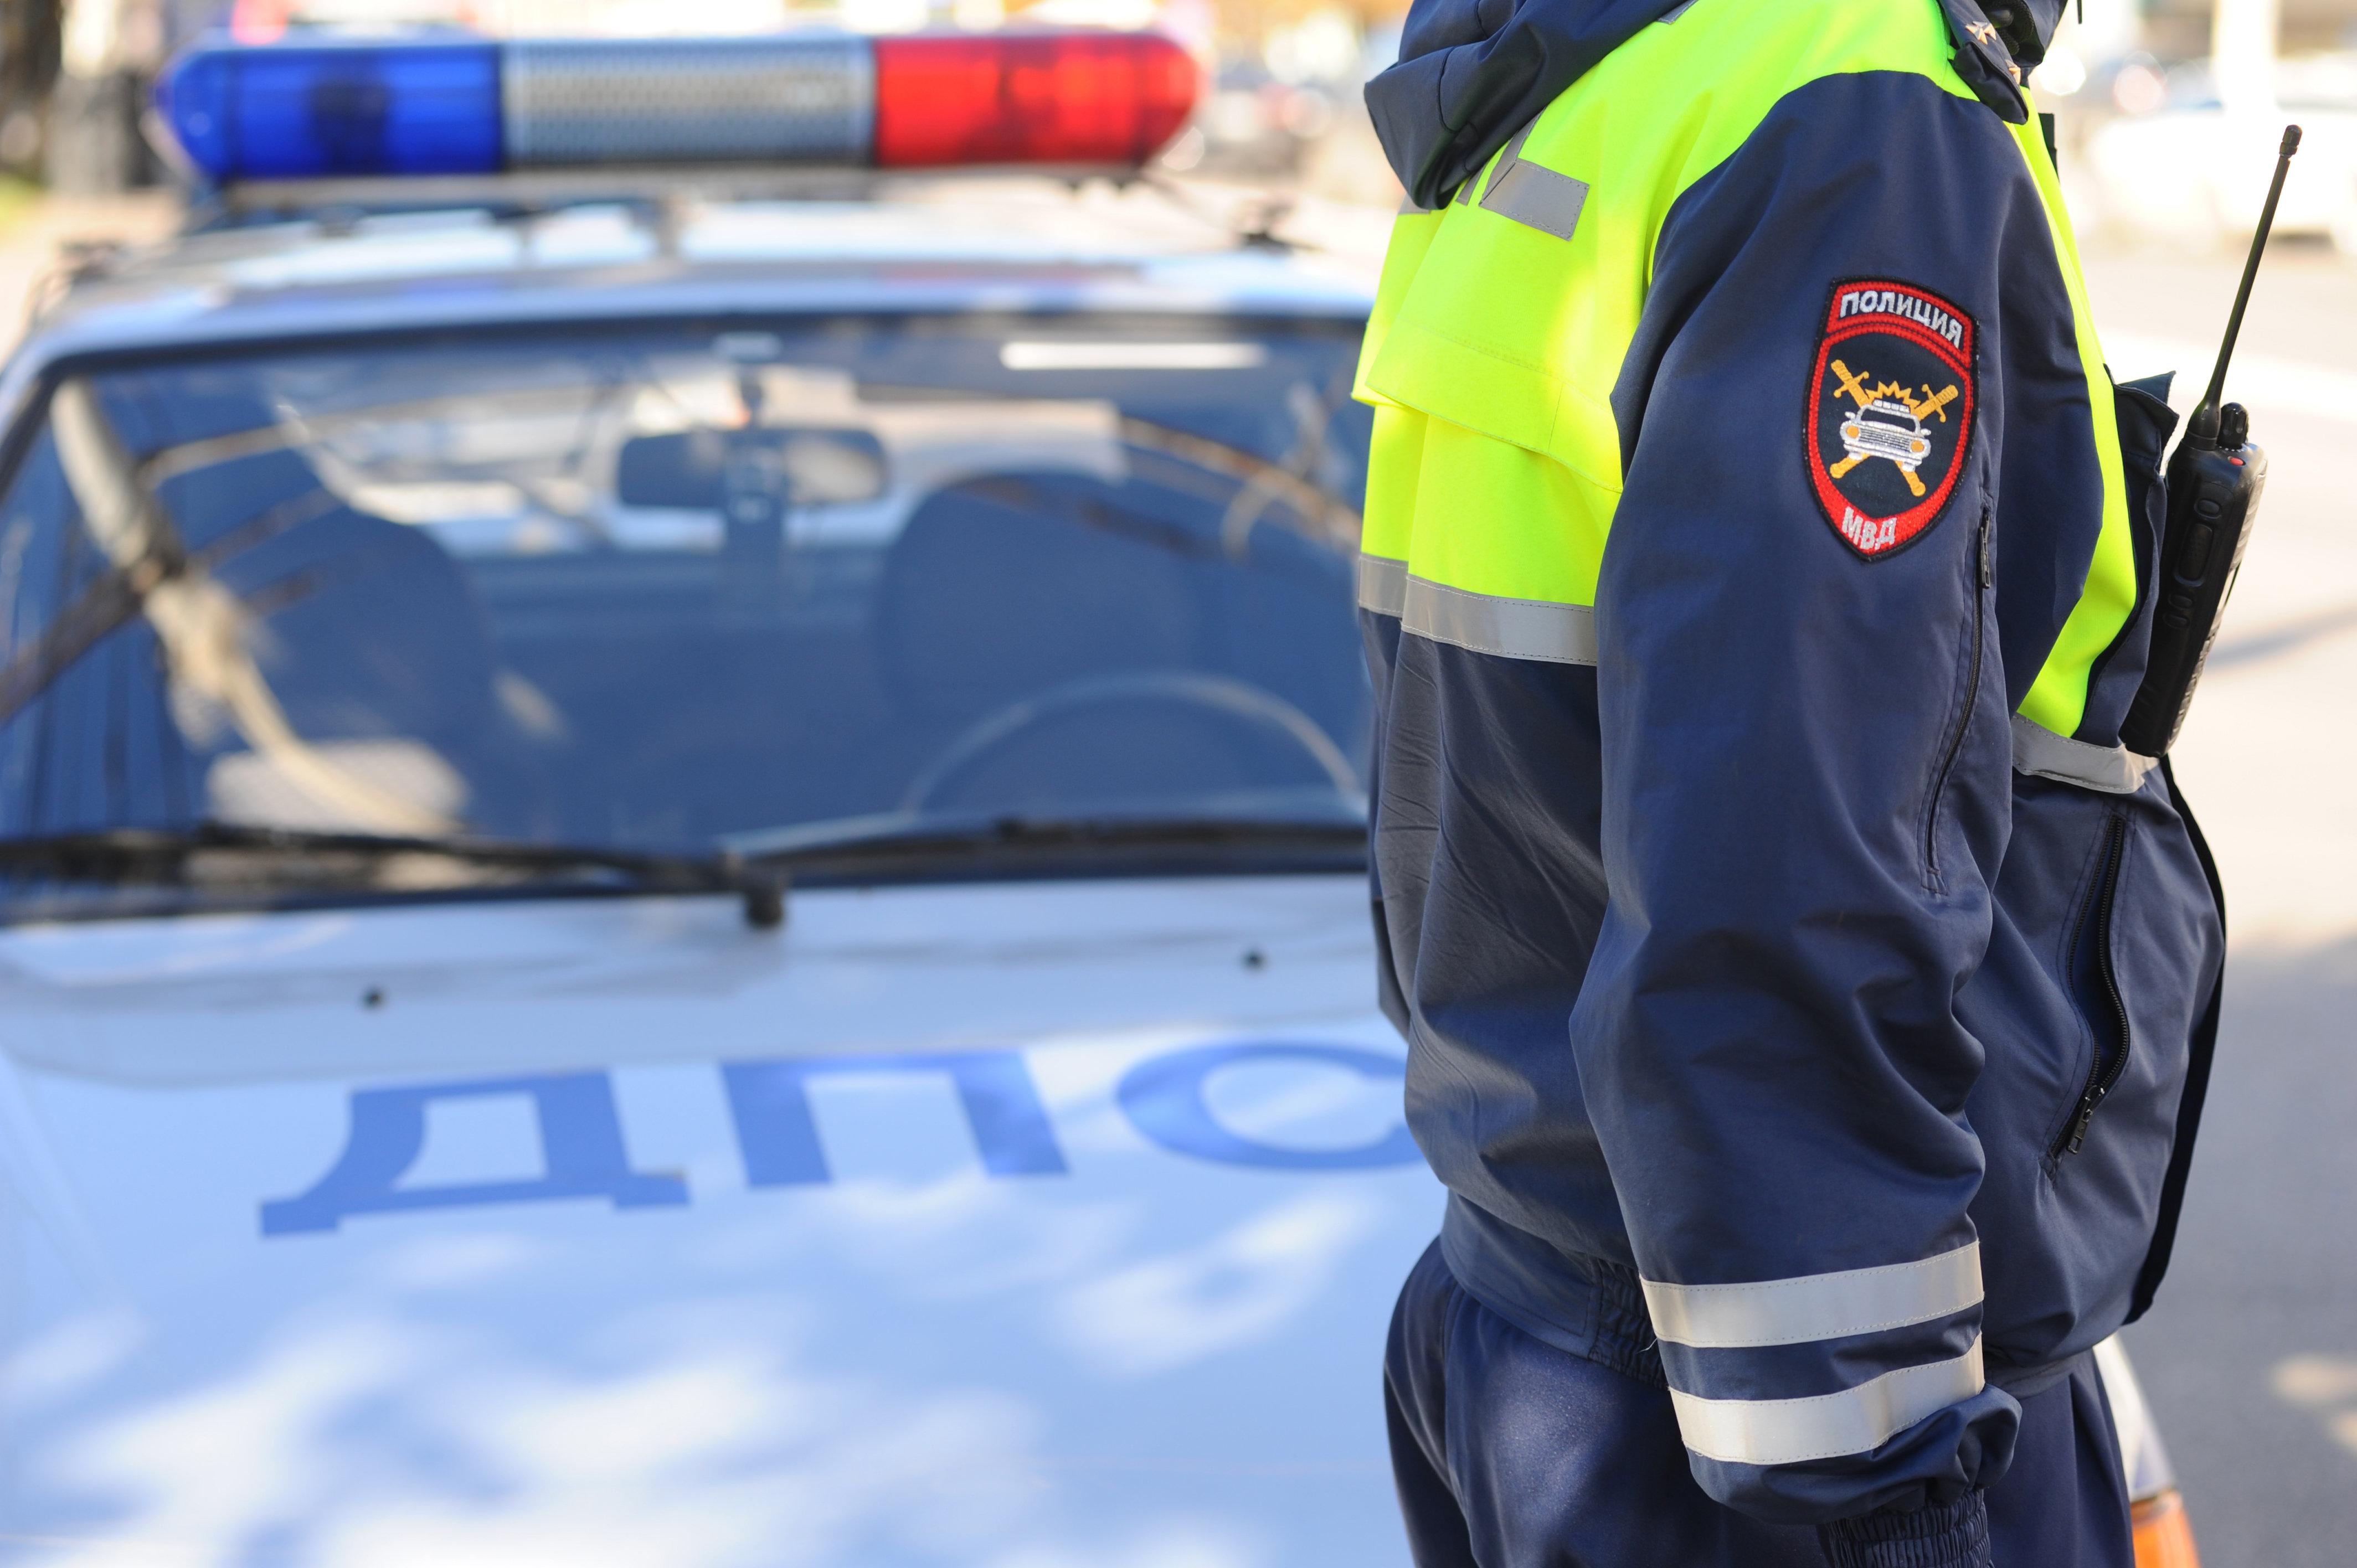 Подросток на угнанной машине въехал в столб и сбежал с места ДТП